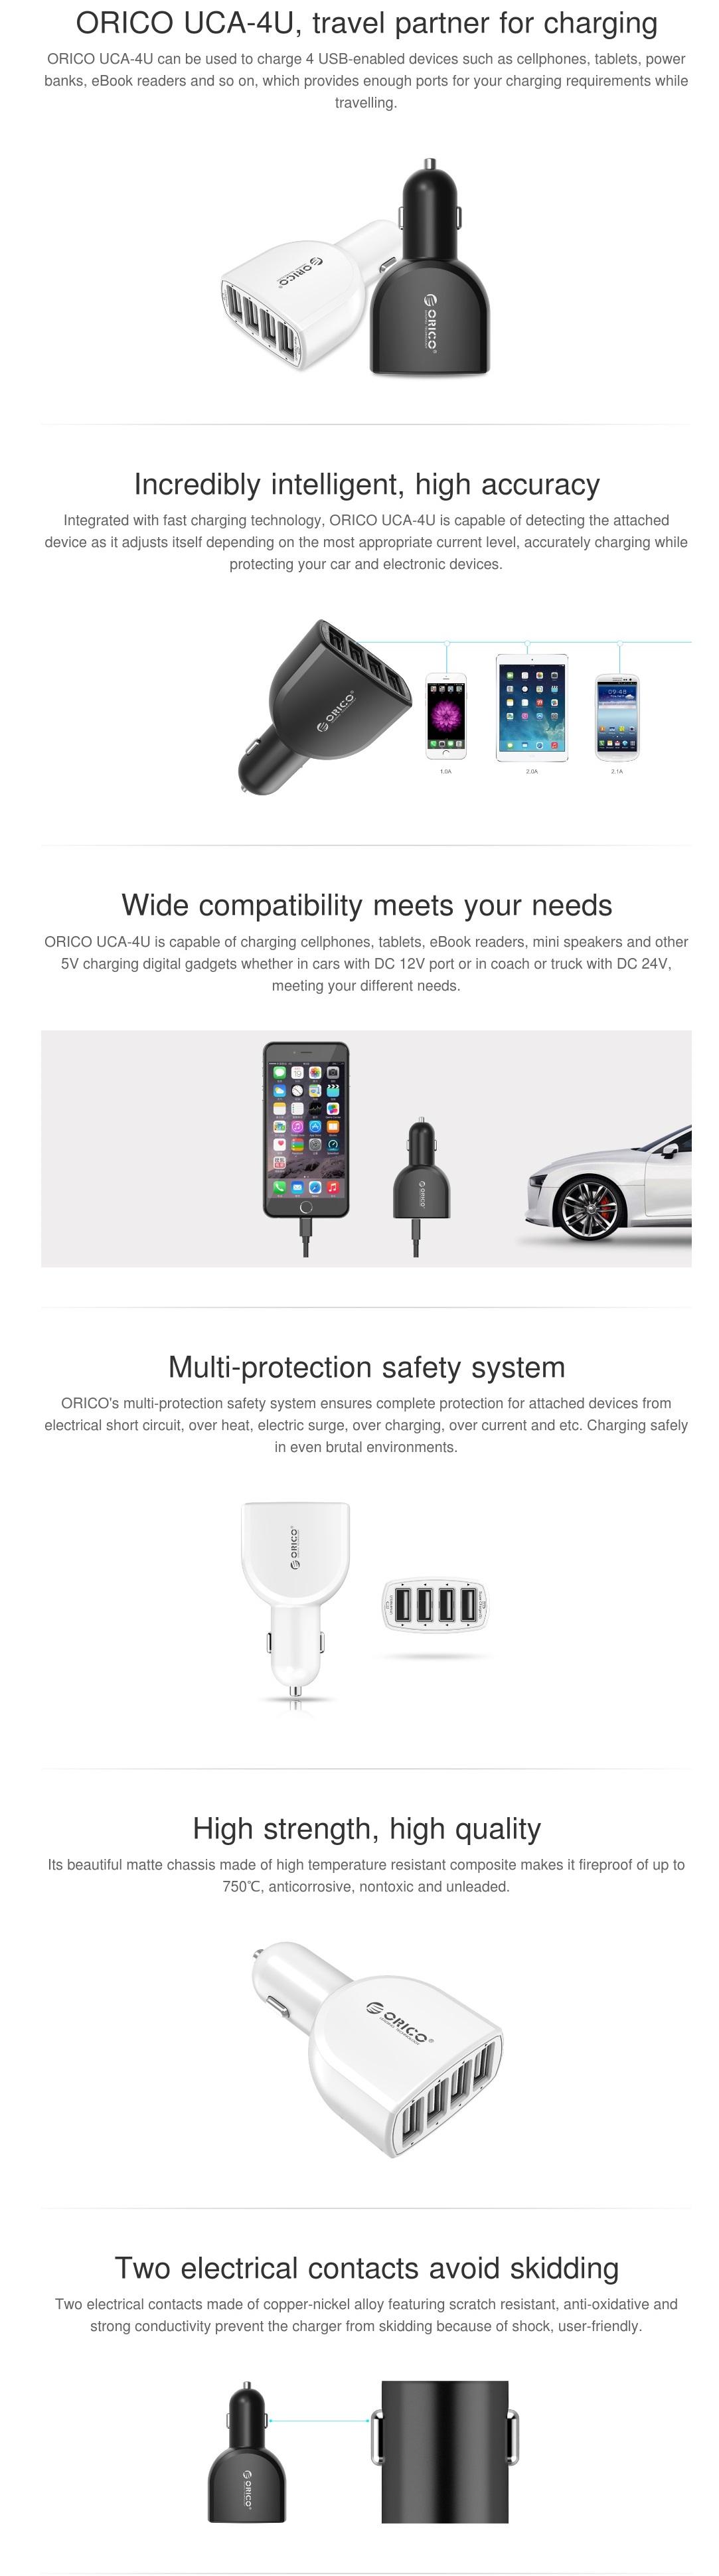 Orico Uca 4u 4 Port Usb Car Charger With Smart Super Black Large Ampamp 2